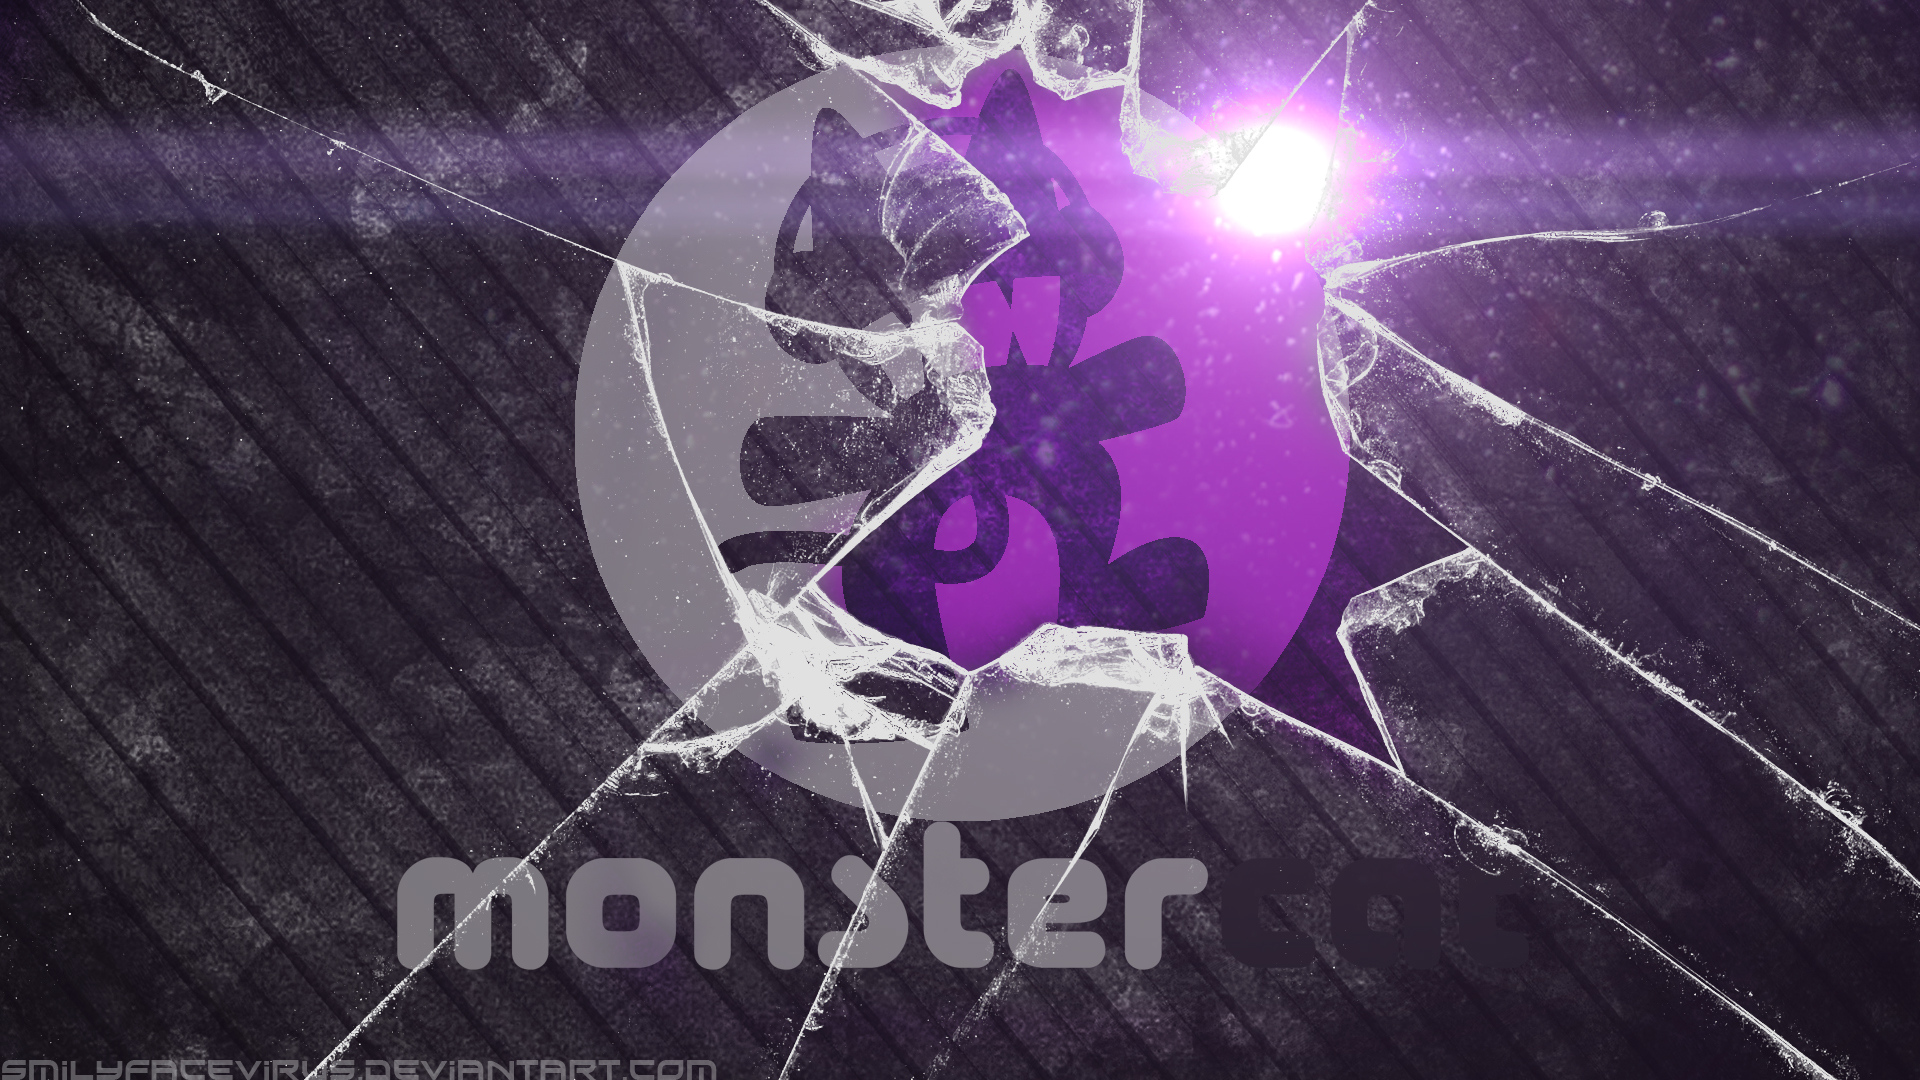 Monstercat Wallpaper by SMILYFACEvirus on DeviantArt